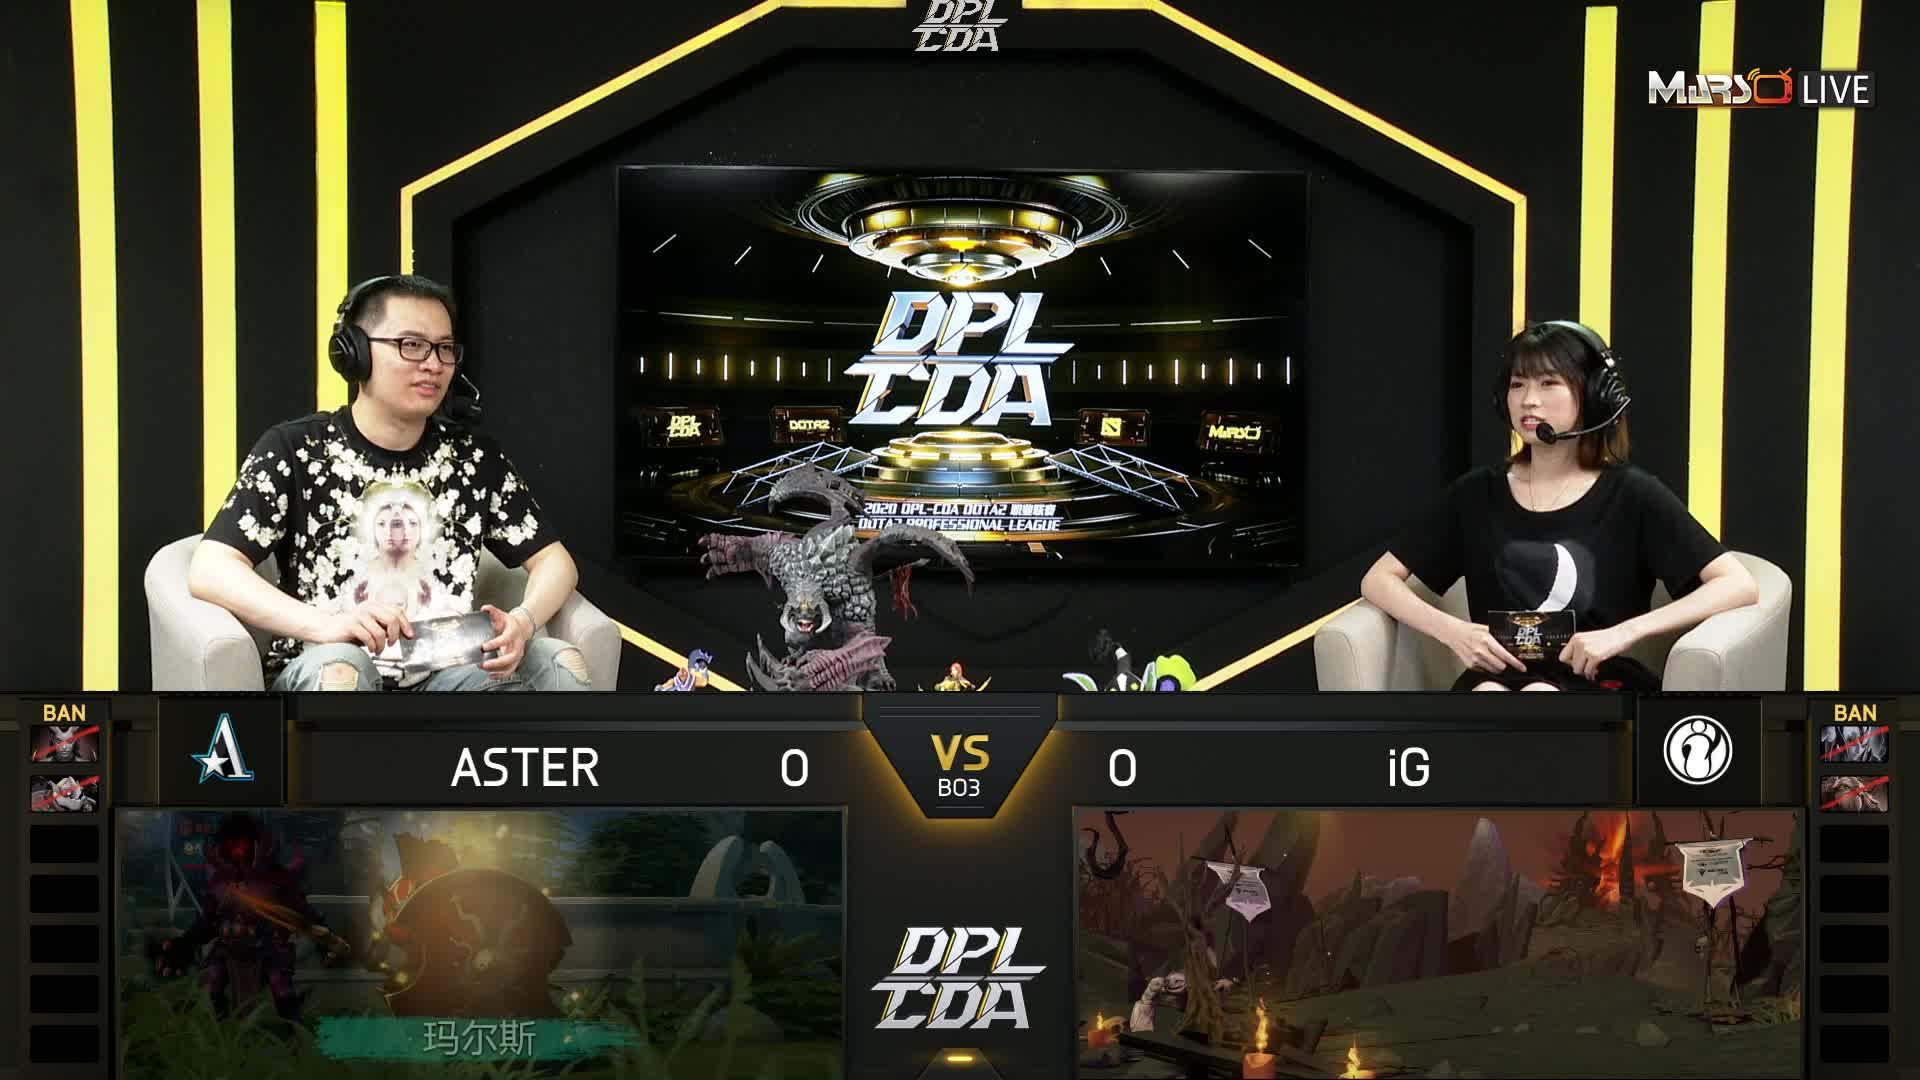 常规赛 iG vs Aster - 1